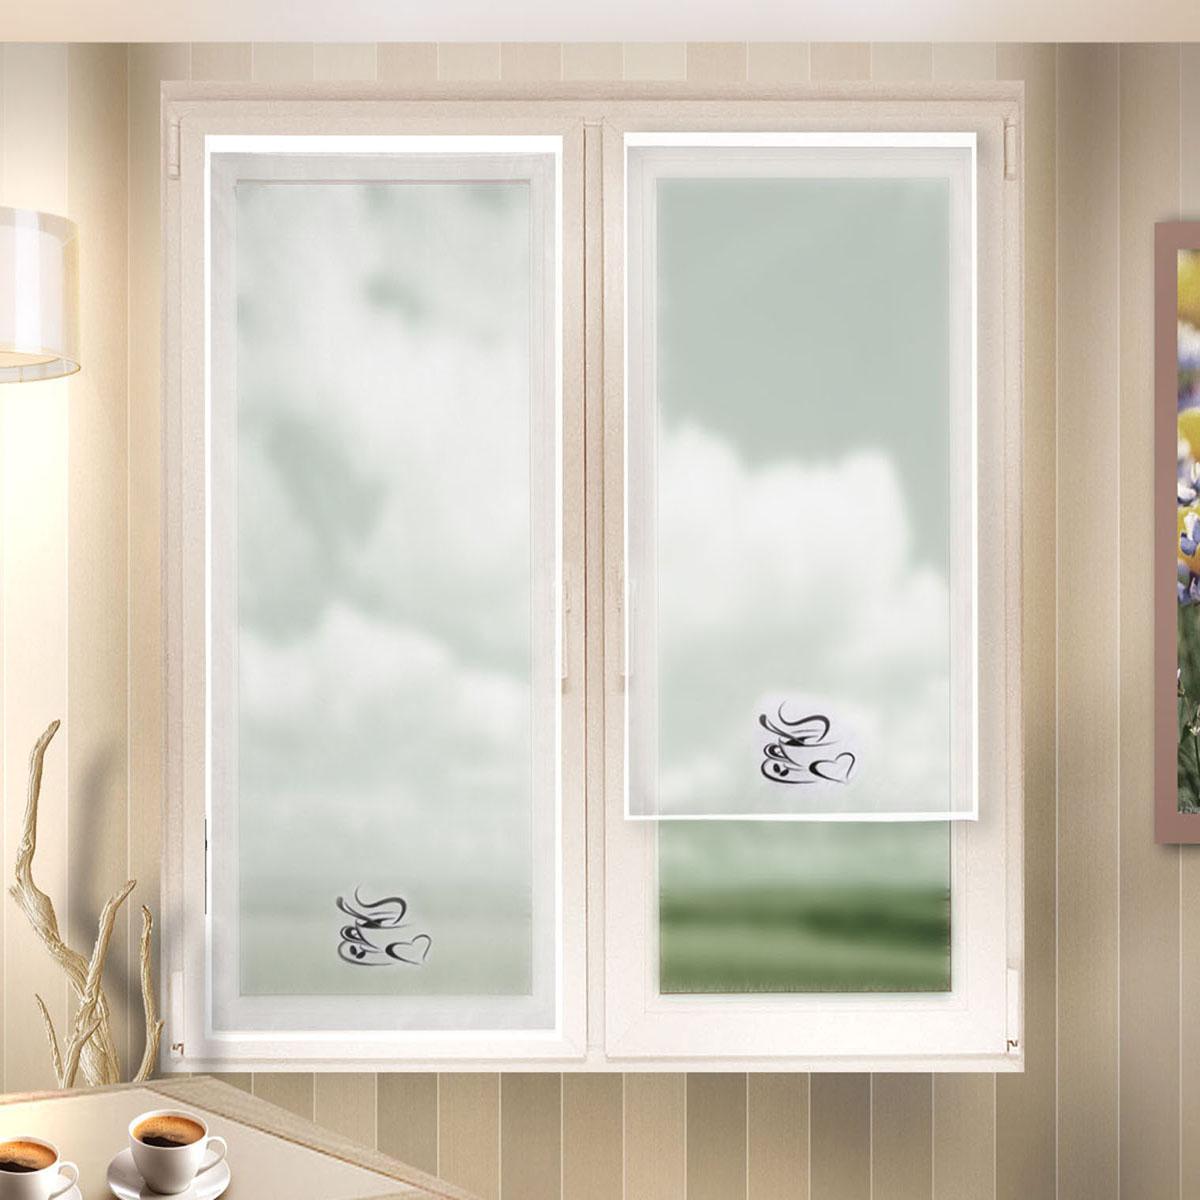 Гардина Zlata Korunka, на липкой ленте, цвет: белый, высота 90 см. 666021/2666021/2Гардина на липкой ленте Zlata Korunka, изготовленная из полиэстера, станет великолепным украшением любого окна. Полотно из белой вуали с печатным рисунком привлечет к себе внимание и органично впишется в интерьер комнаты. Лучшая альтернатива рулонным шторам - шторы на липкой ленте. Особенность этих штор заключается в том, что они имеют липкую основу в месте крепления. Лента или основа надежно и быстро крепится на раму окна, а на нее фиксируется сама штора.